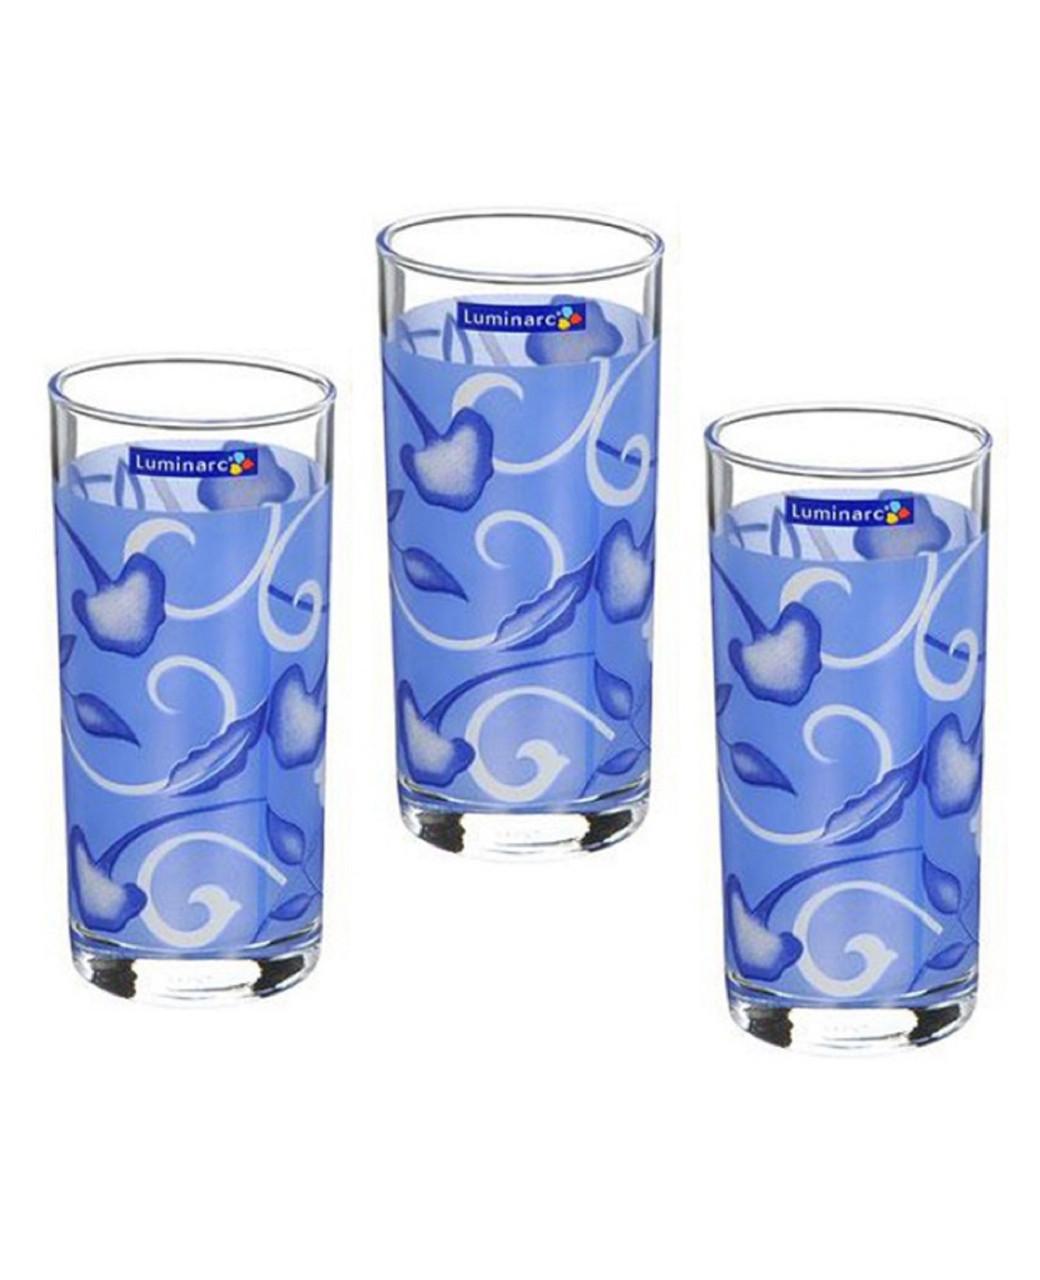 Набор стаканов Luminarc Plenitude Blue высокие 270 мл (6 шт.)